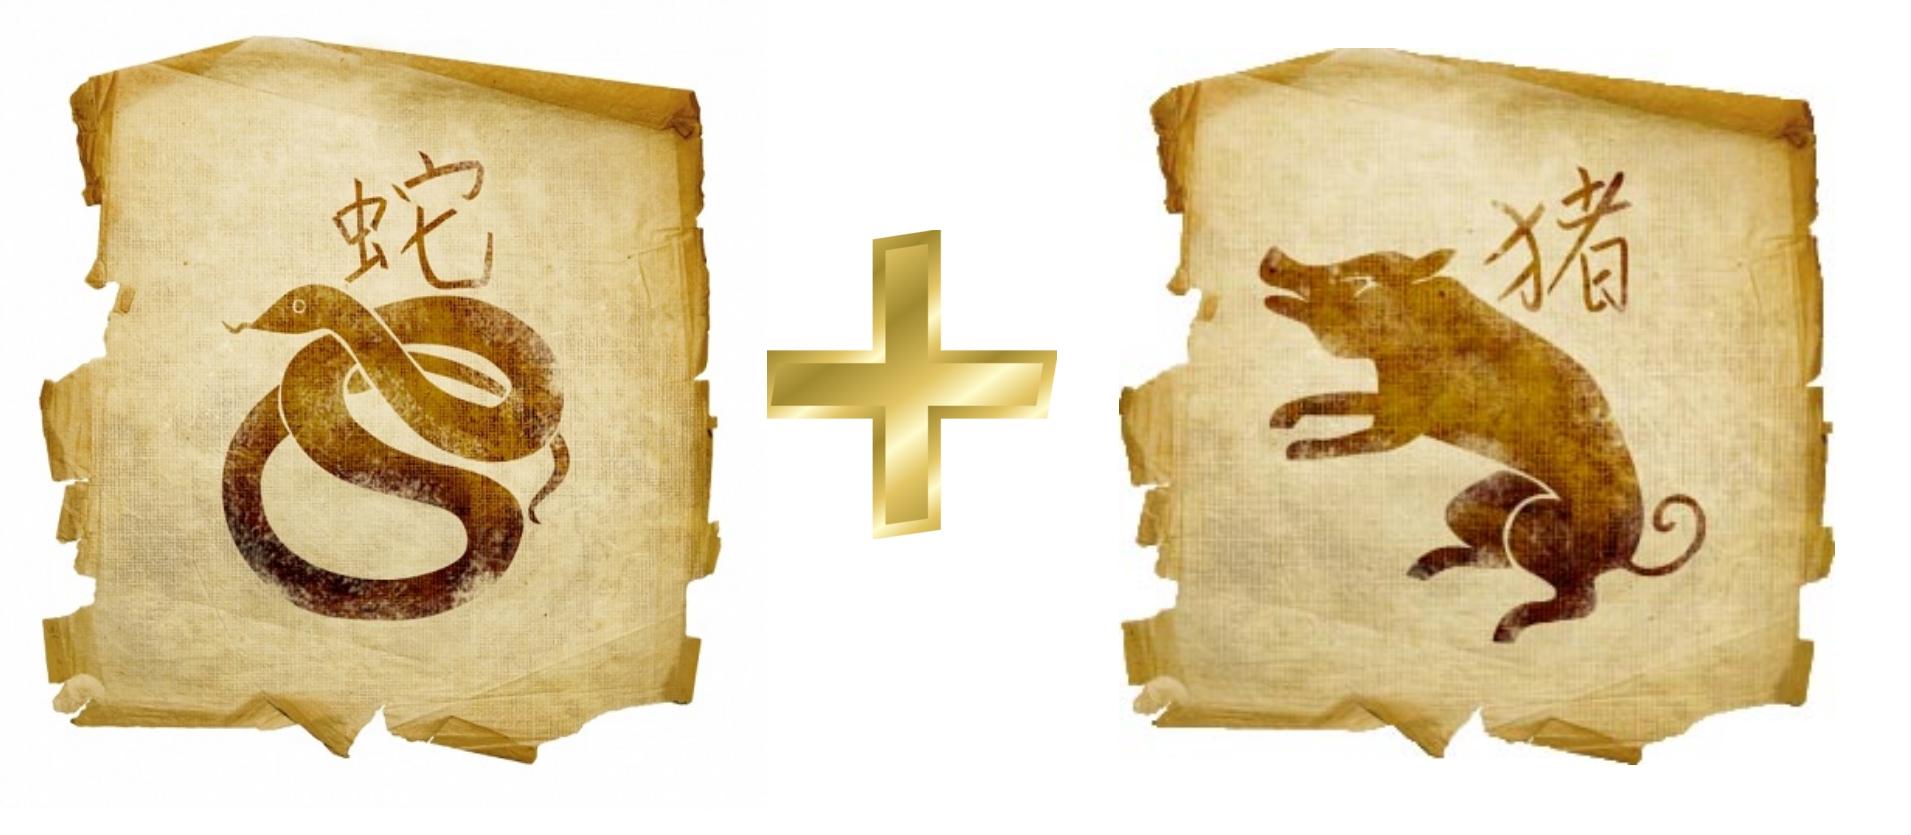 Змея и Свинья, Кабан: гороскоп совместимости в любви